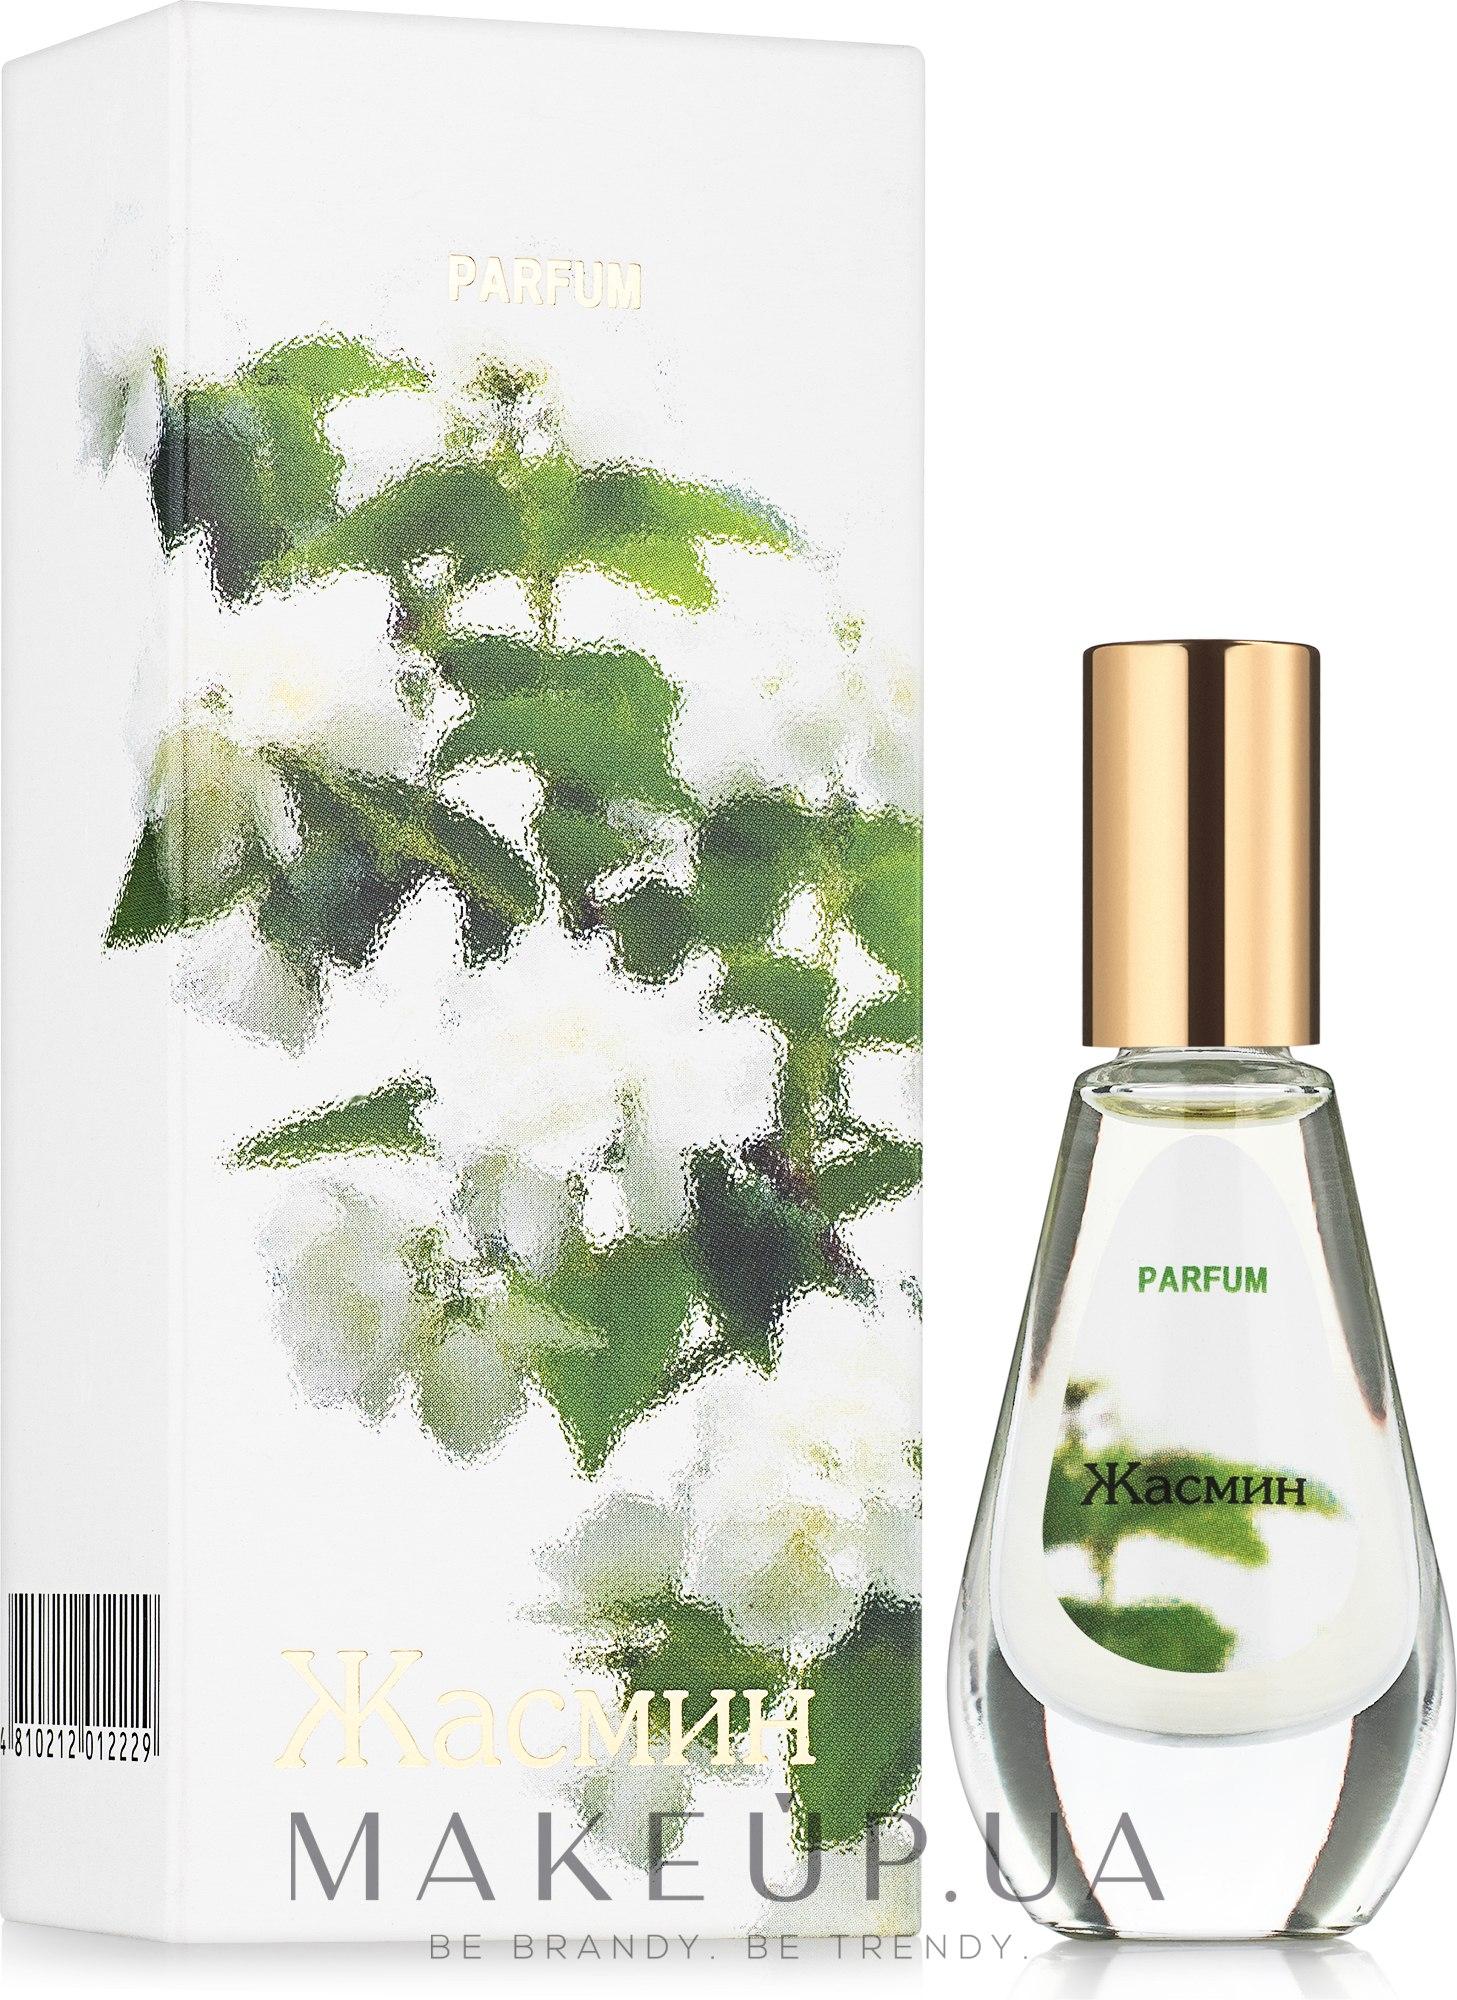 Makeup Dilis Parfum Floral Collection жасмин духи купить по лучшей цене в украине